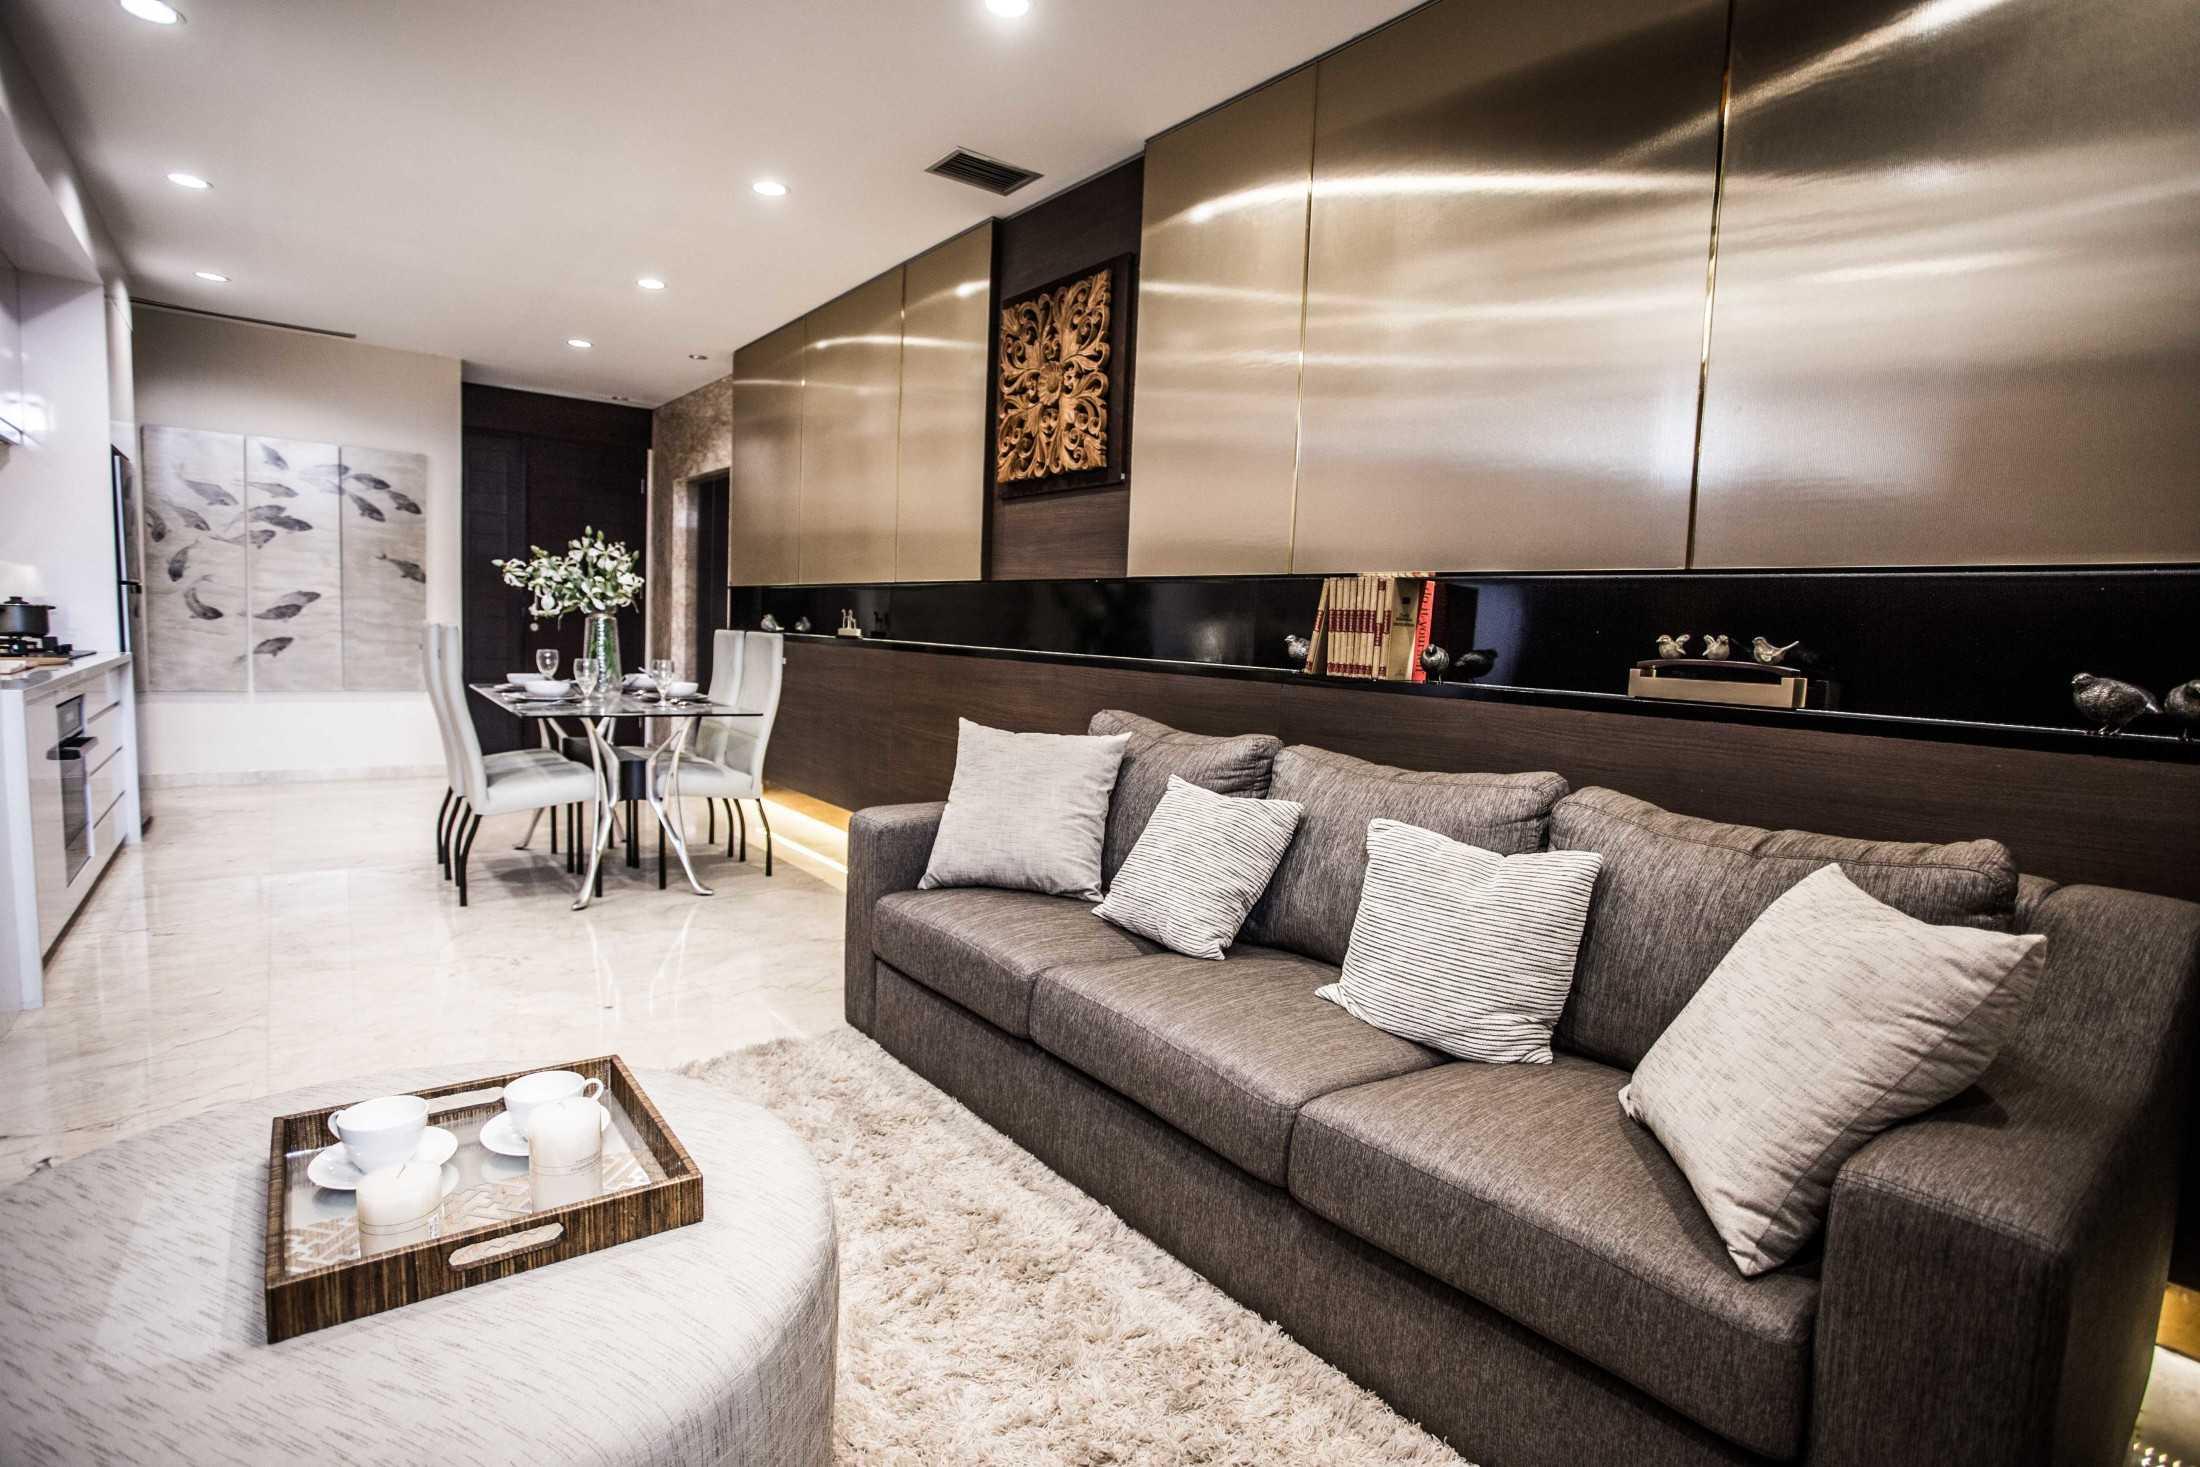 Desain Apartemen Minimalis Kontemporer dengan Sentuhan Eklektik Mewah | Foto artikel Arsitag